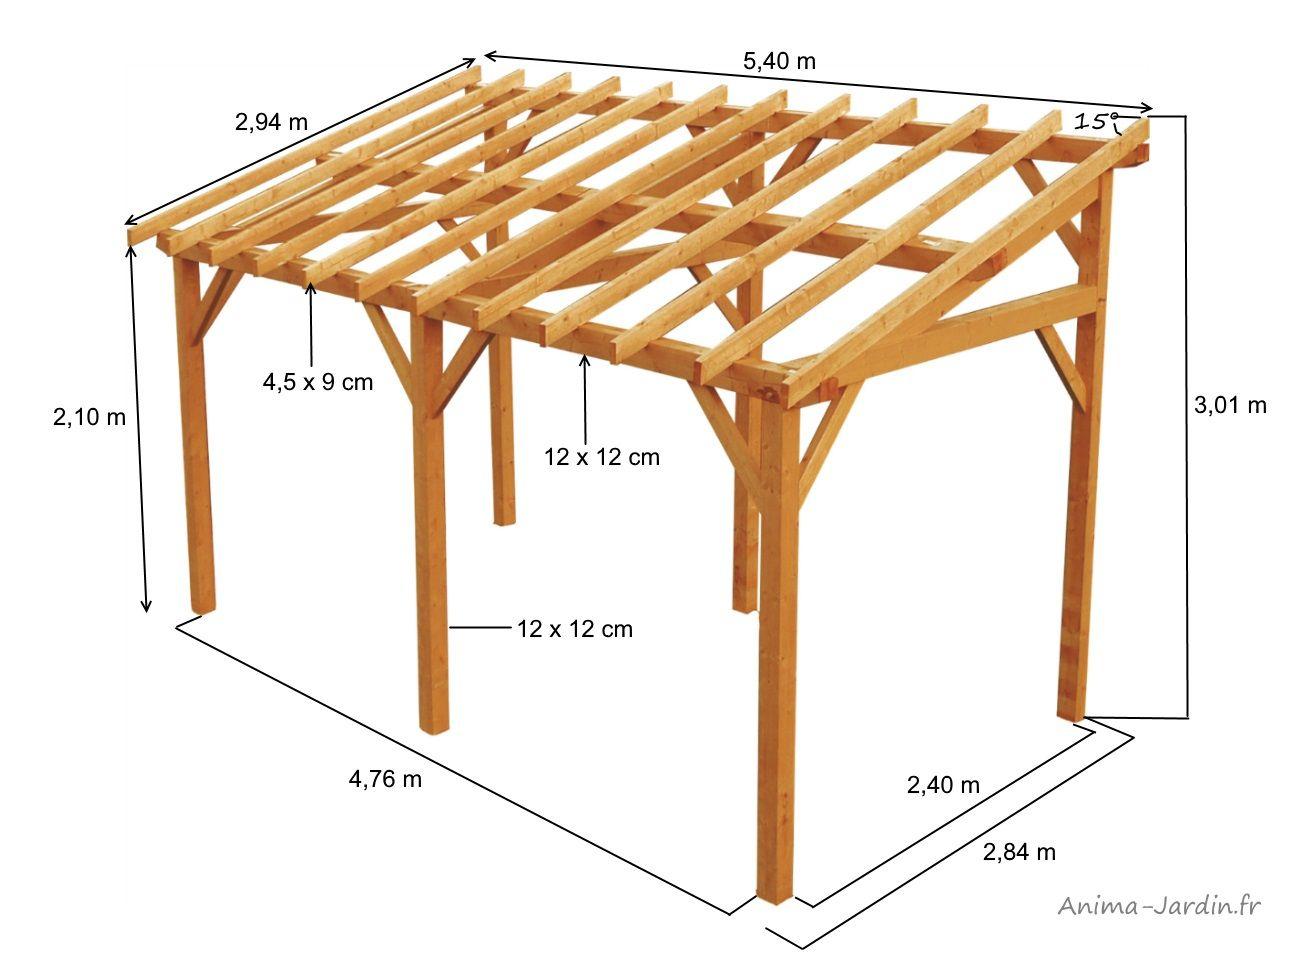 Ossature En Bois De 15M², Vanoise, Burger, Structure Carport ... pour Carport Bois Pas Cher